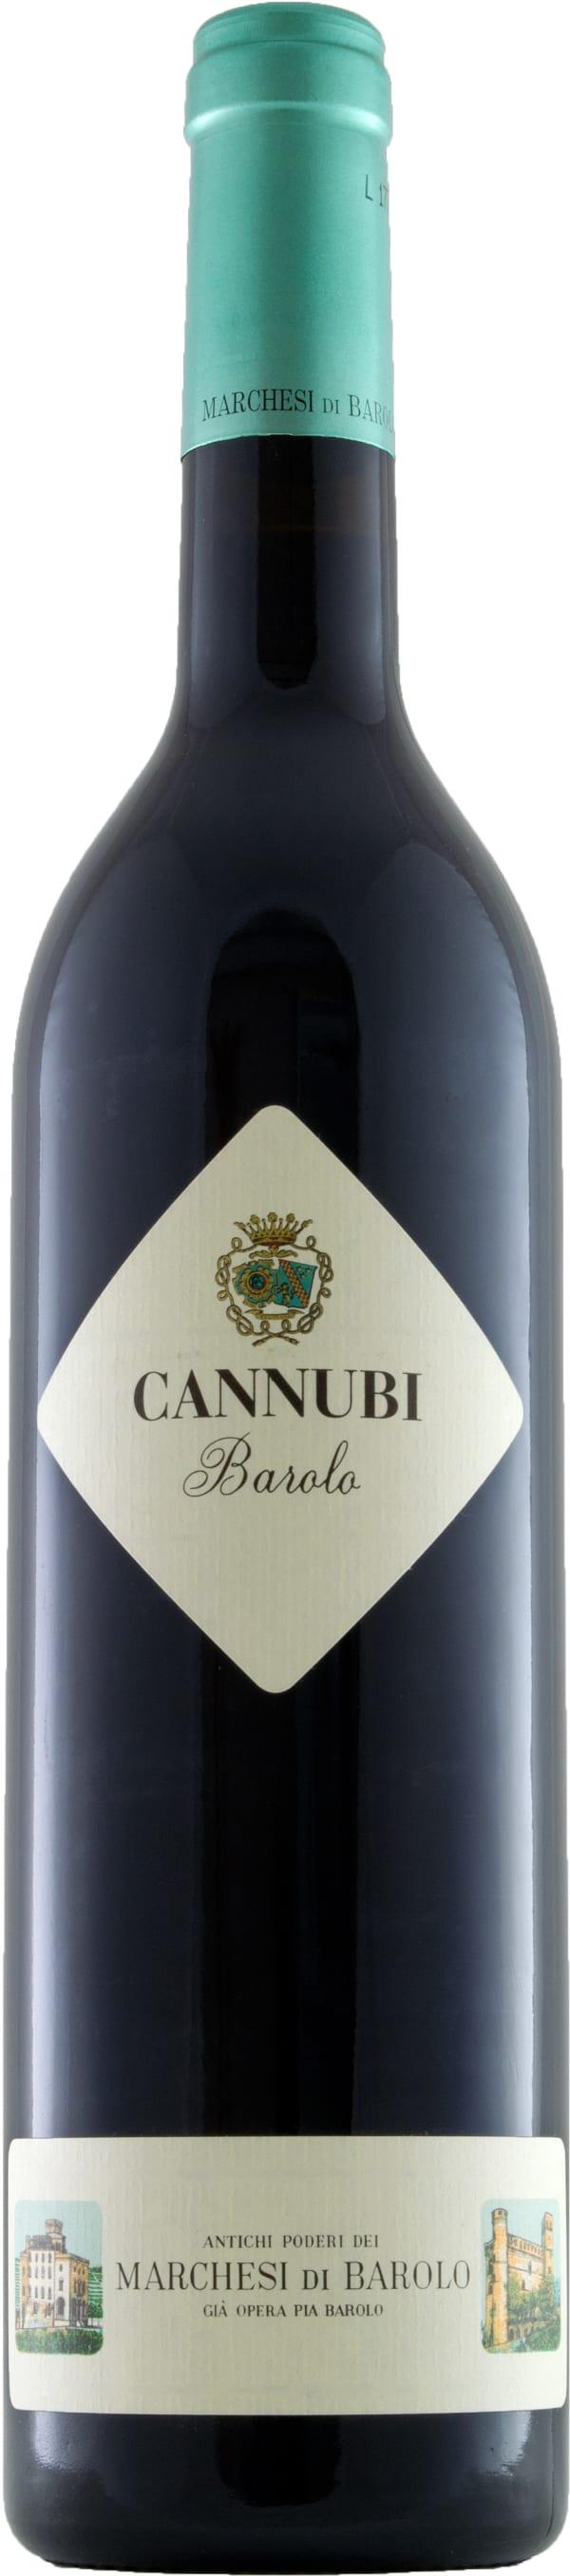 Cannubi Barolo 2012